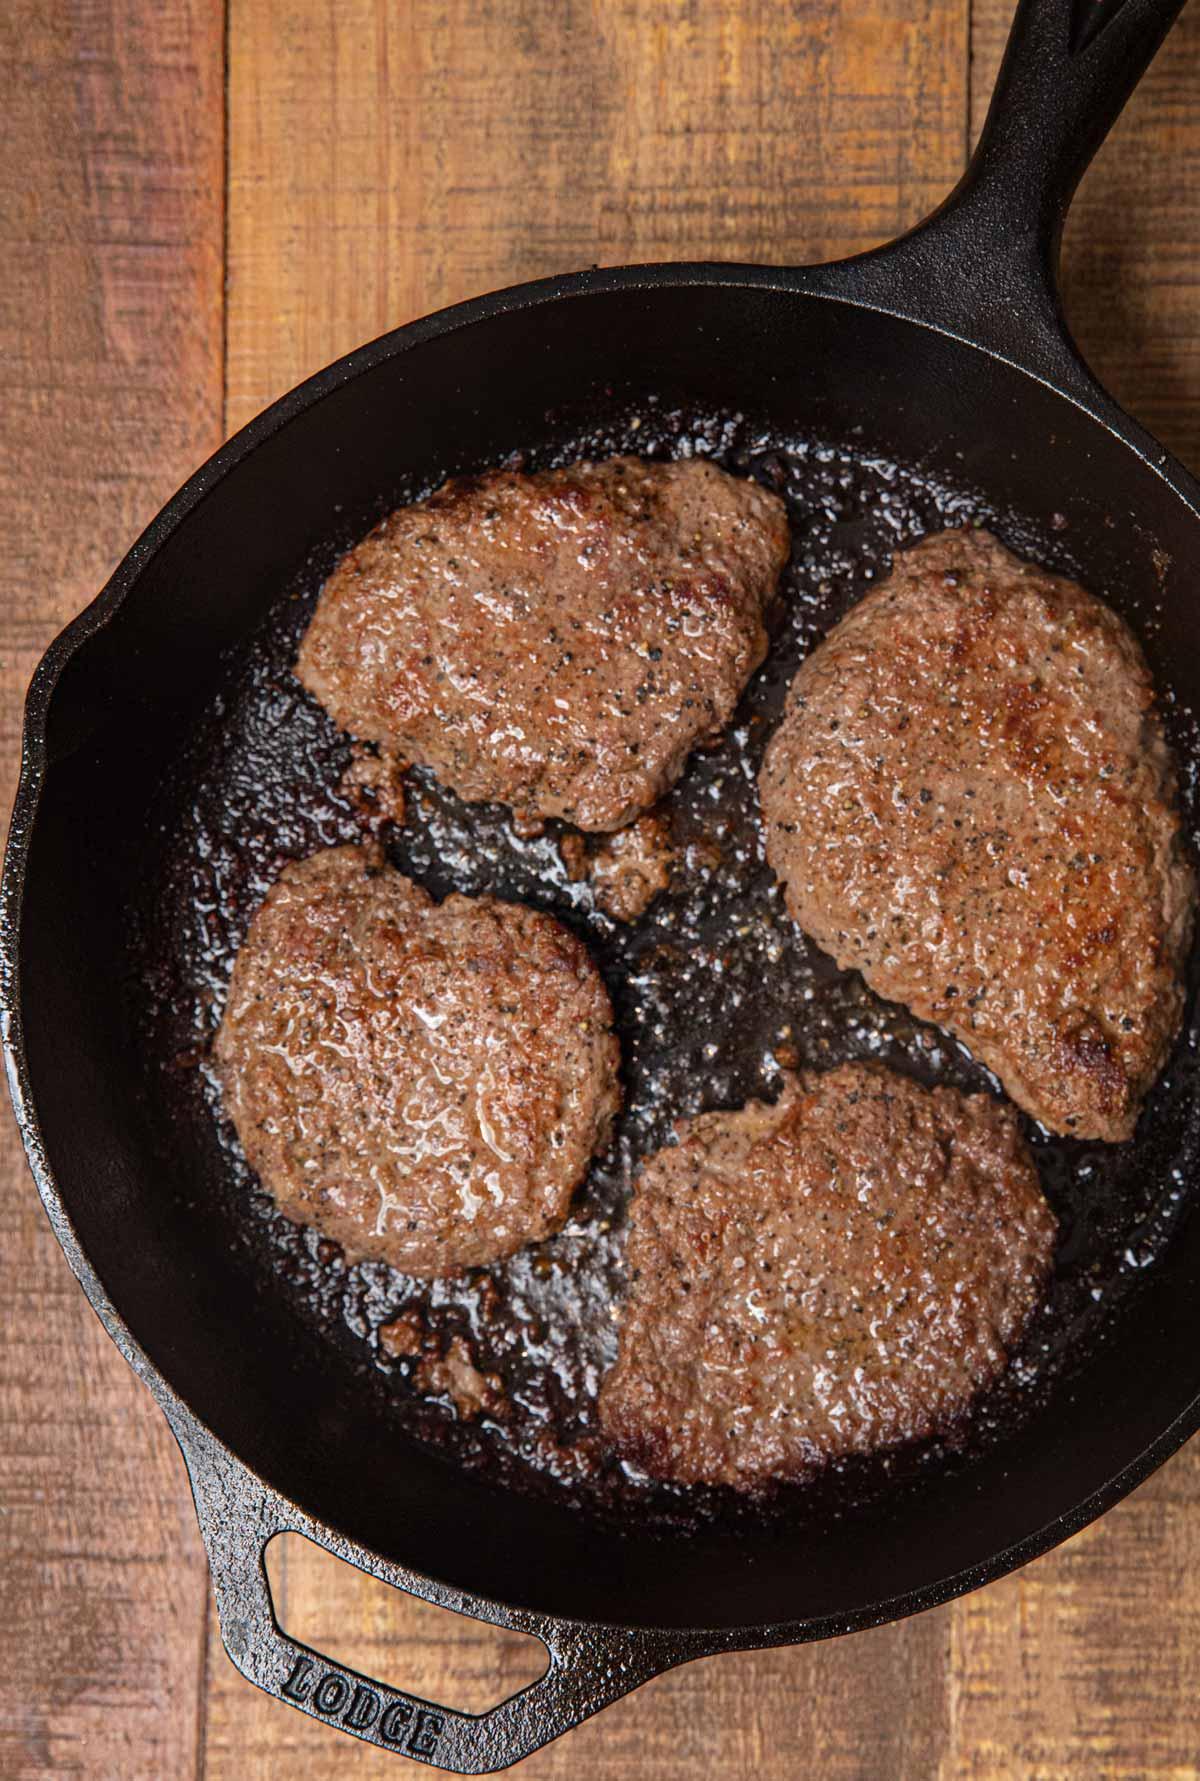 Seared Cube Steaks in skillet